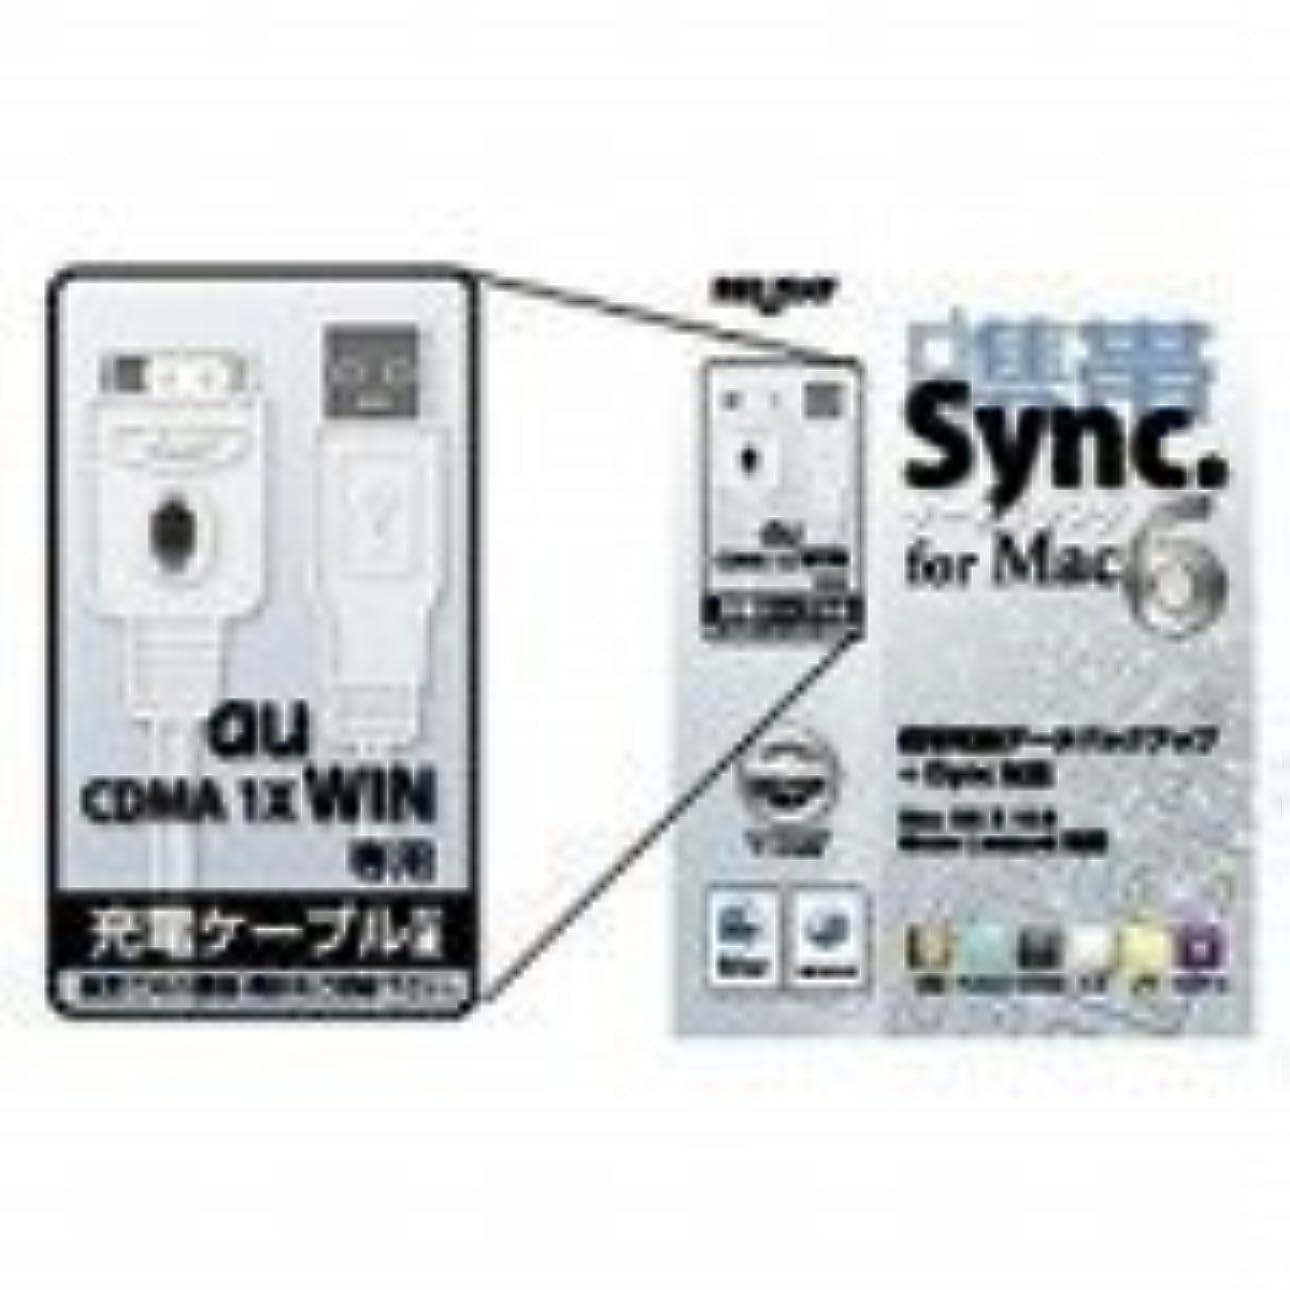 ベリーアナリスト販売員携帯シンク for Mac 6 au WIN充電ケーブルセット